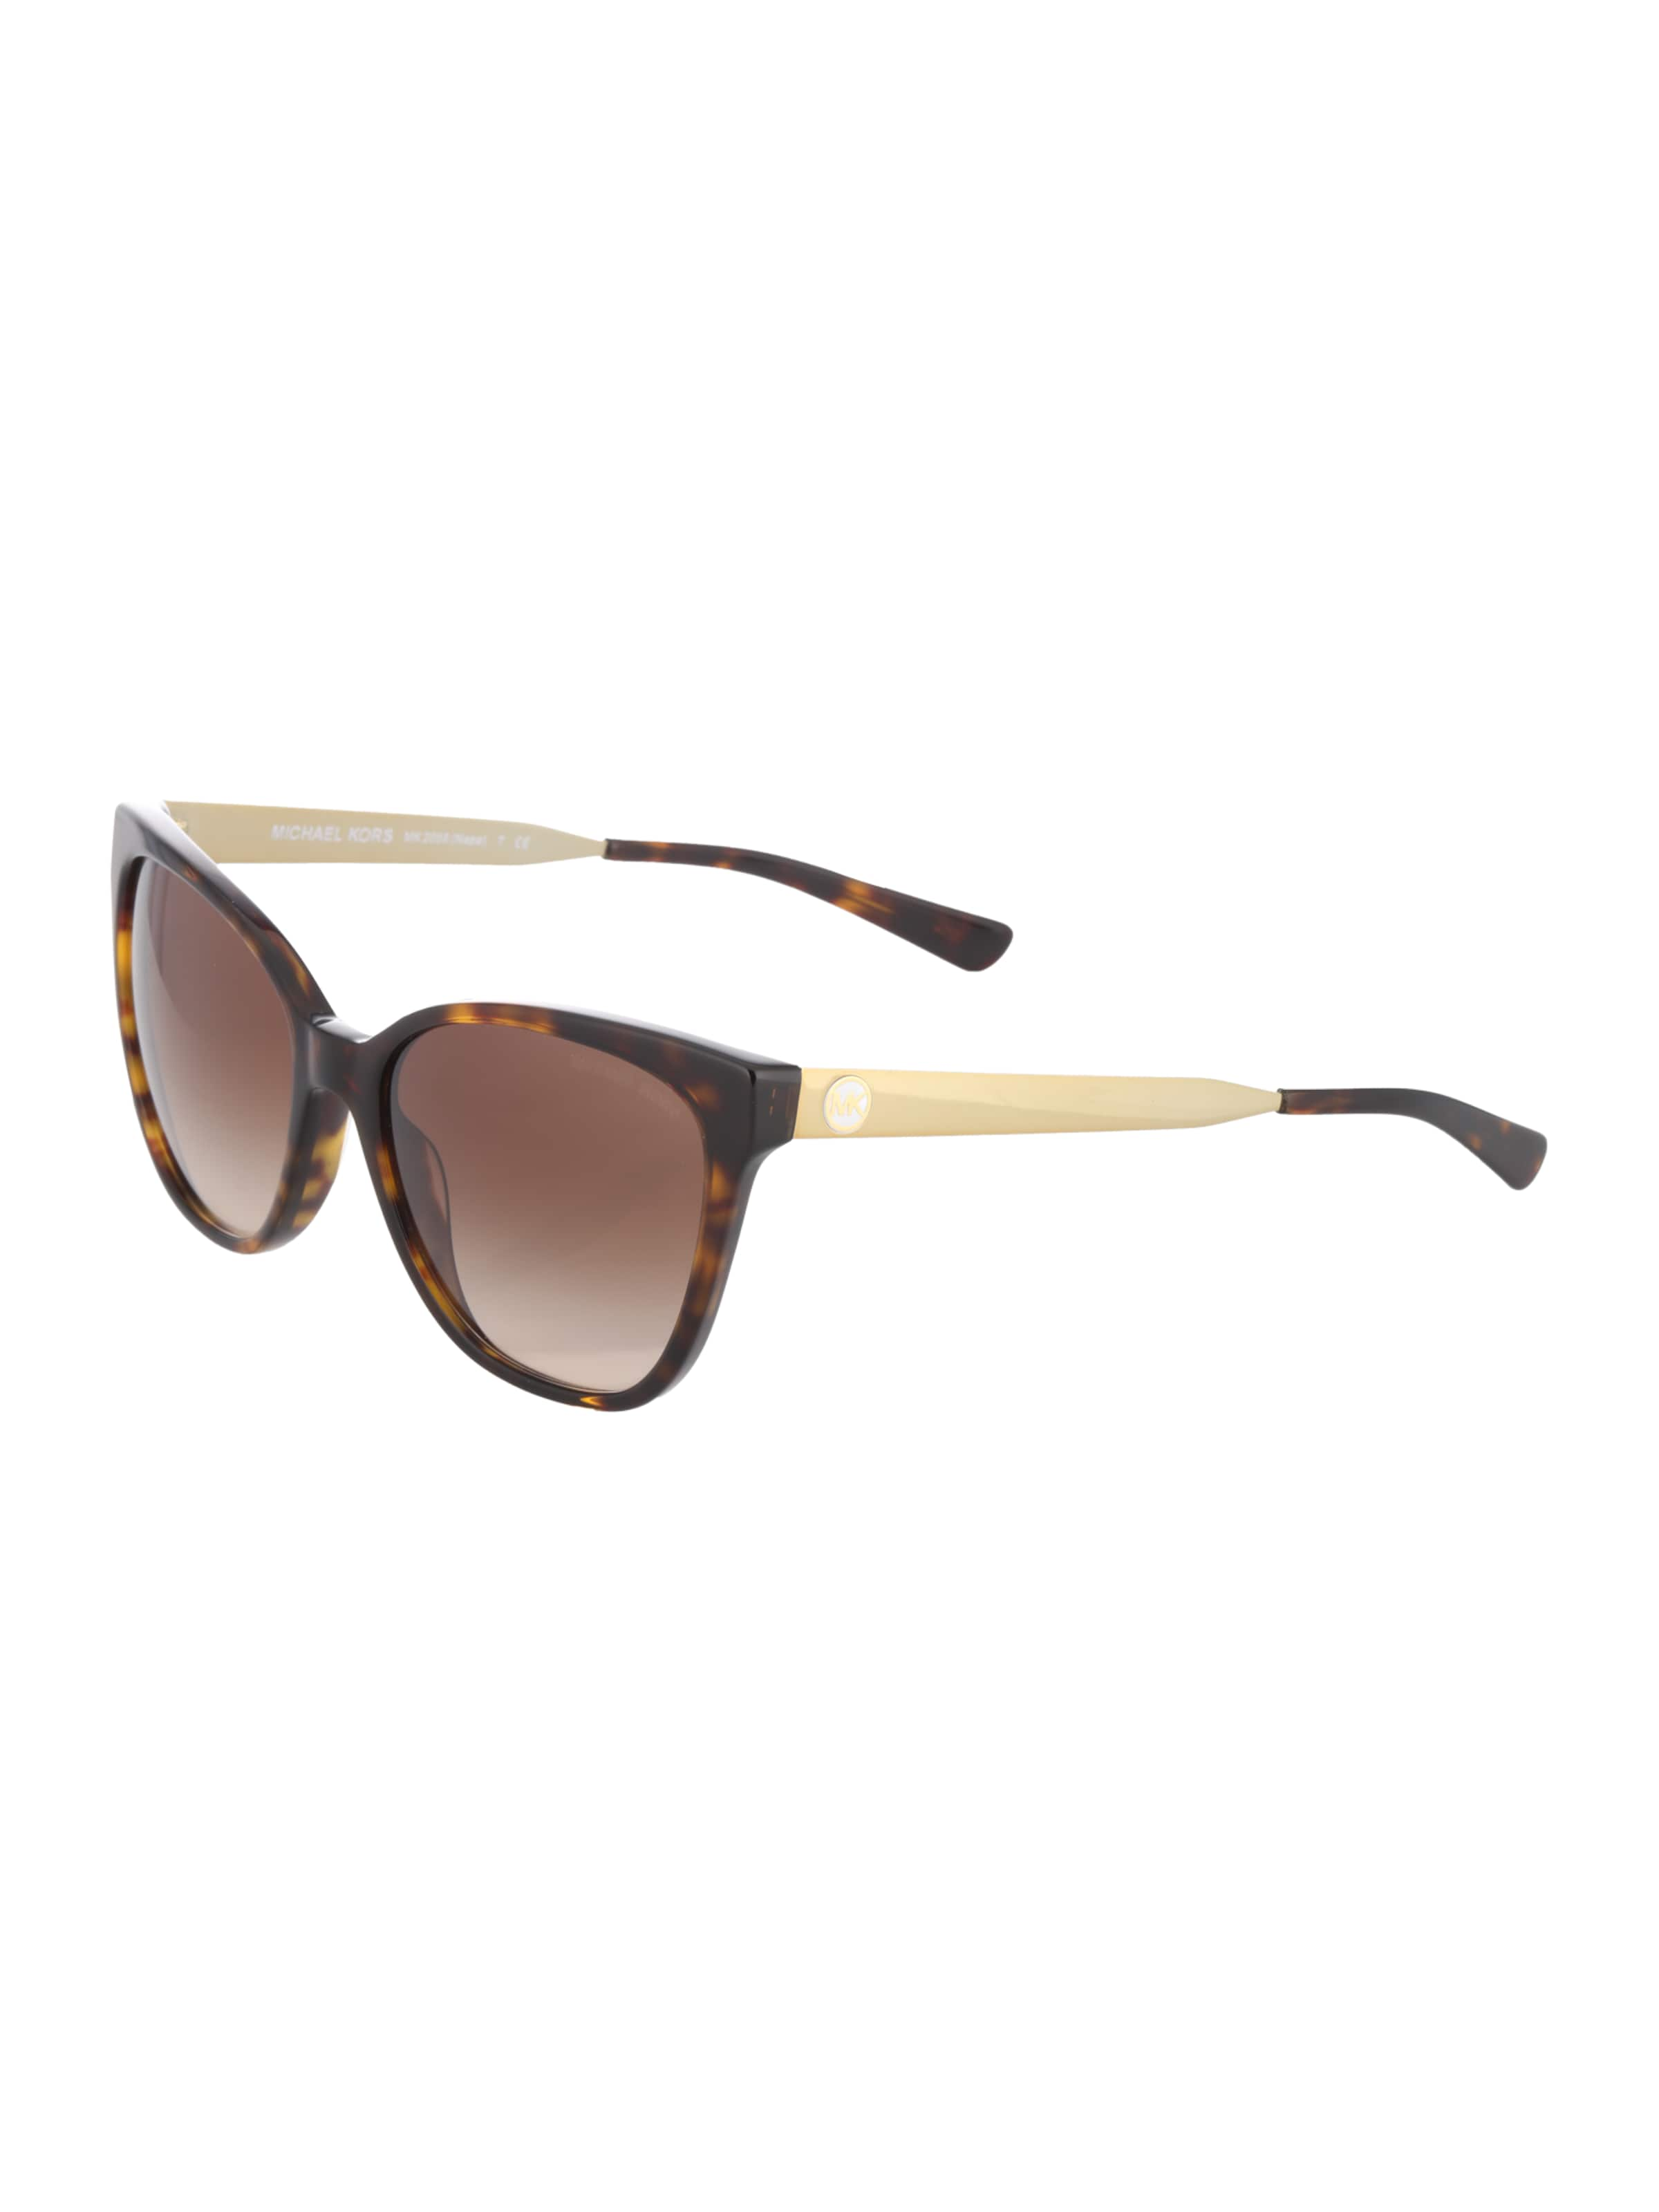 Rabatt Footaction Michael Kors Sonnenbrille mit Metallbügel Zuverlässig Niedriger Versandverkauf Online 2018 Günstiger Preis Verkauf Großer Diskont dm9aHpiZ2i